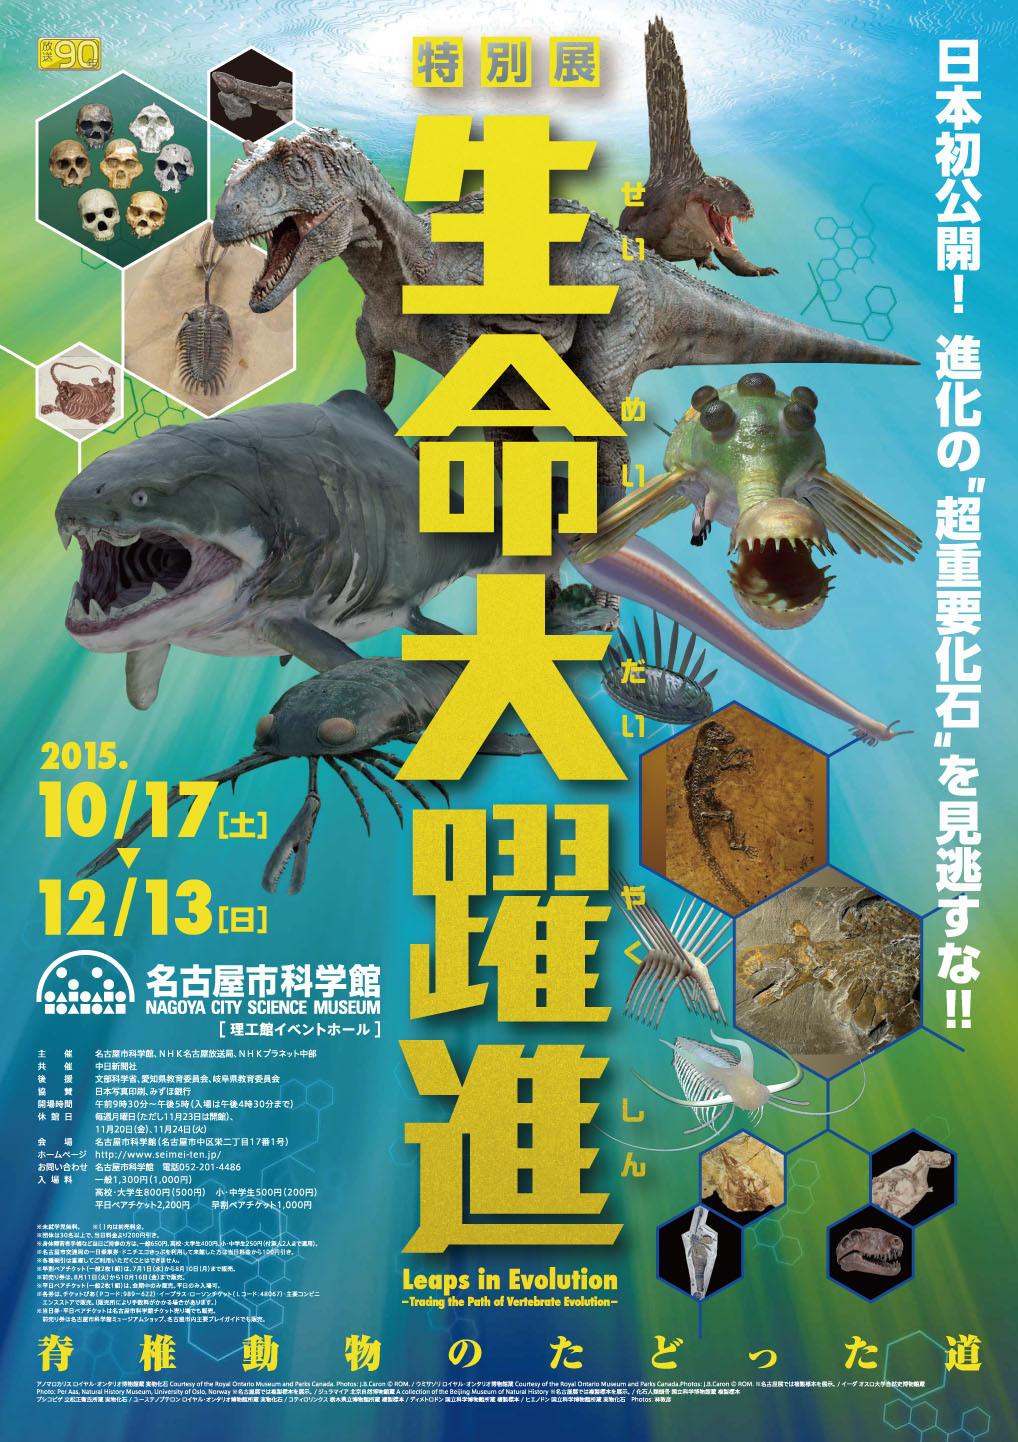 「生命大躍進‐脊椎動物のたどった道‐」名古屋展ポスター